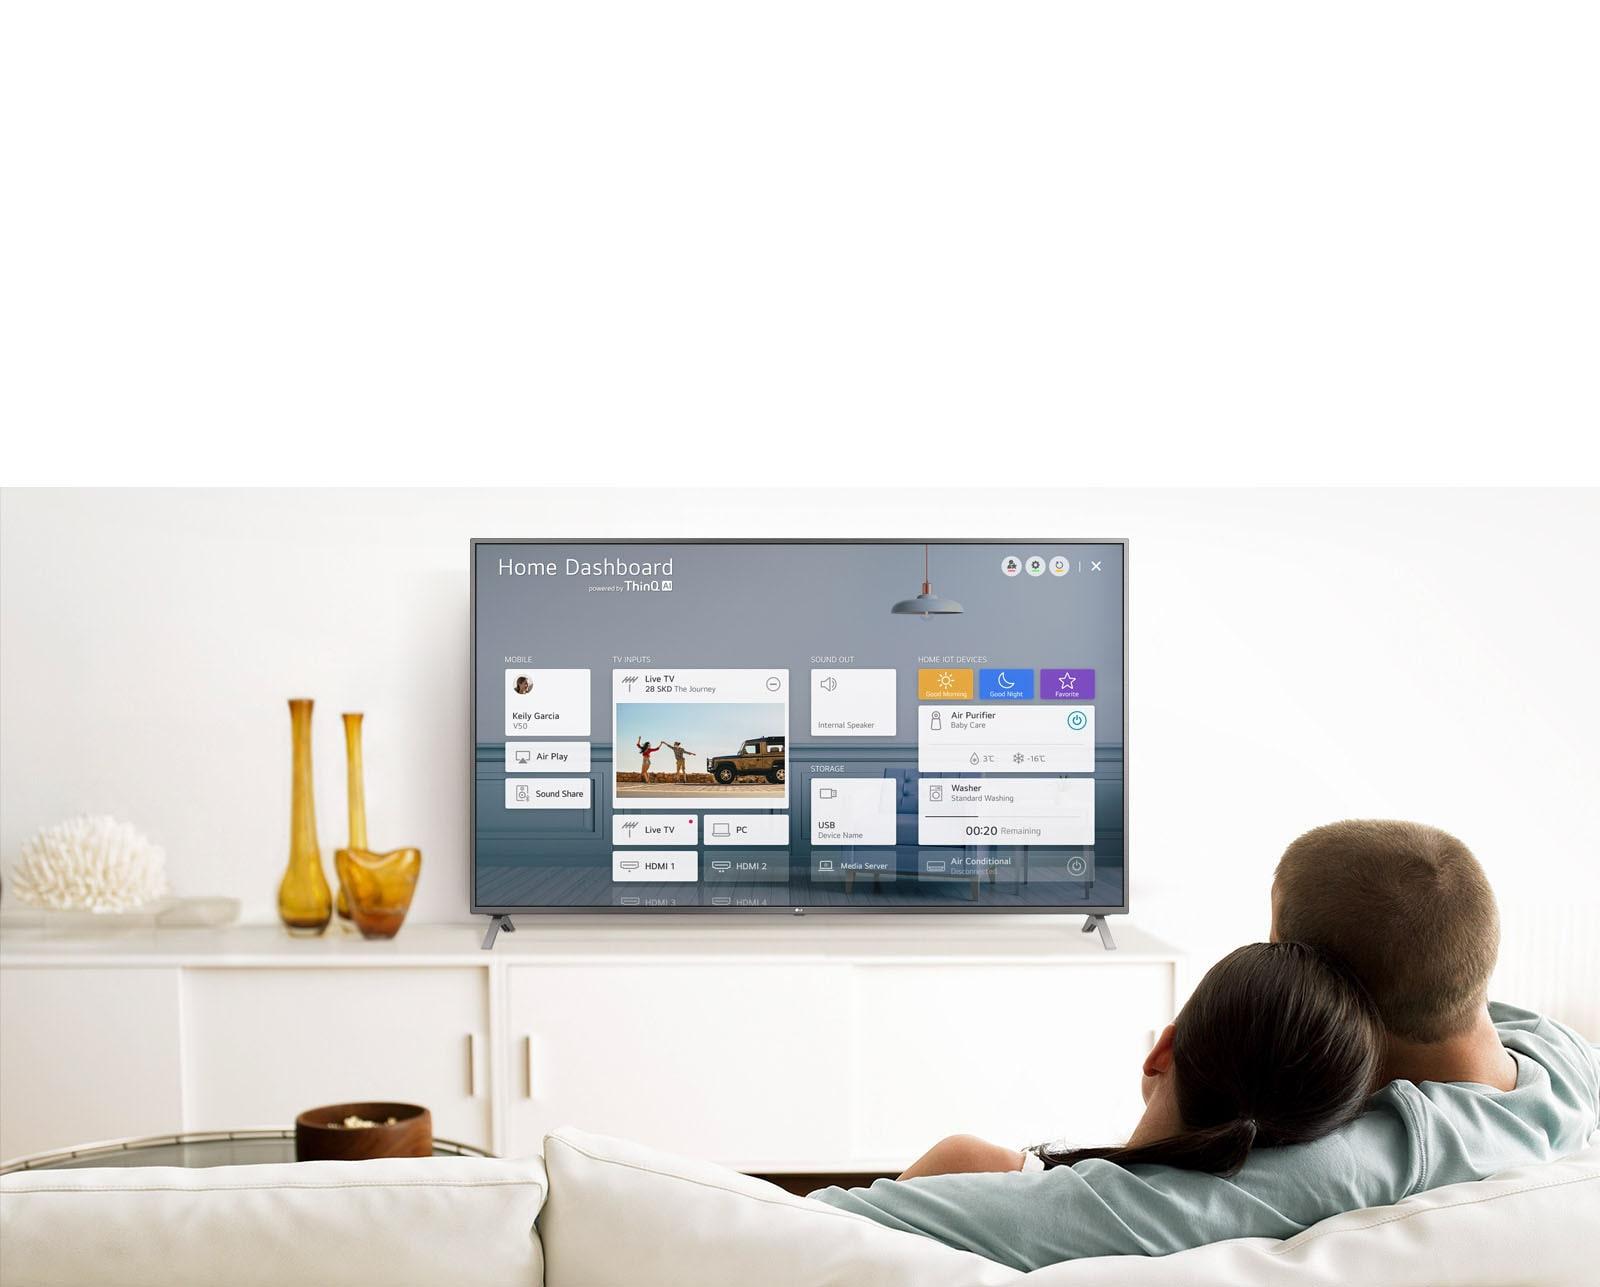 Pria dan wanita duduk di sofa pada ruang santai dengan layar TV menampilkan Home Dashboard